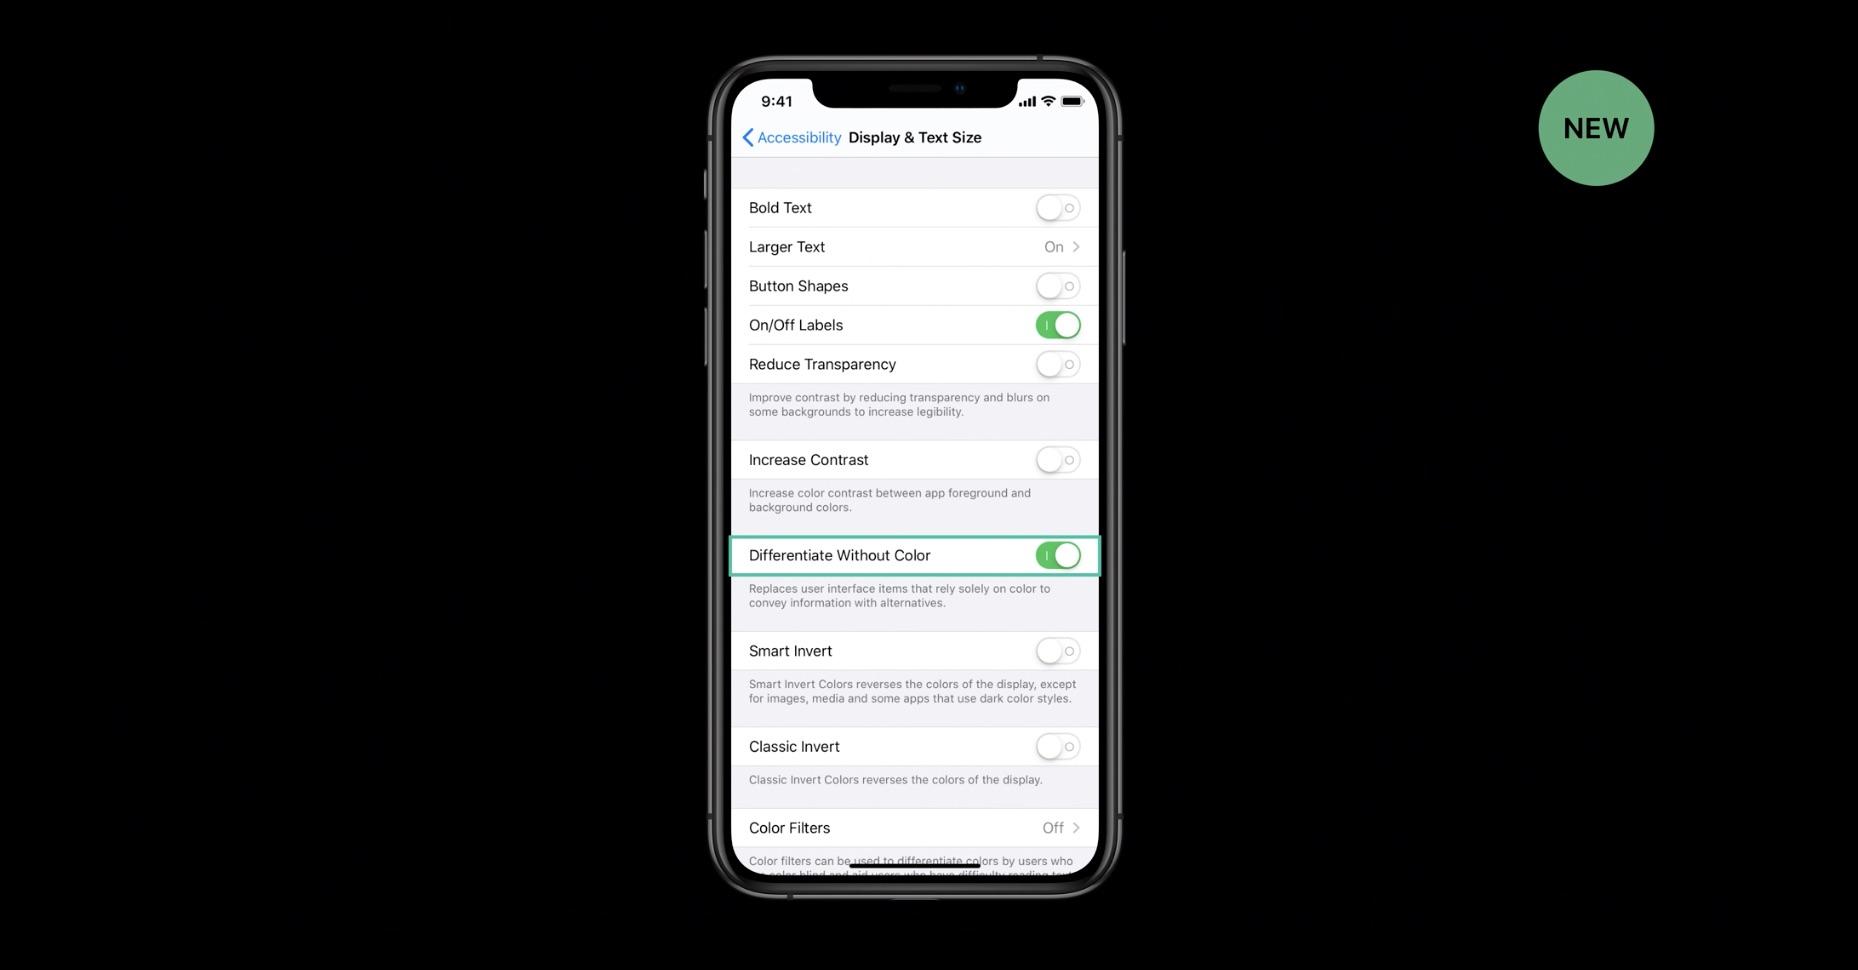 De toutes nouvelles fonctions d'accessibilité avec iOS 13 : pour daltoniens et autres difficultés 1